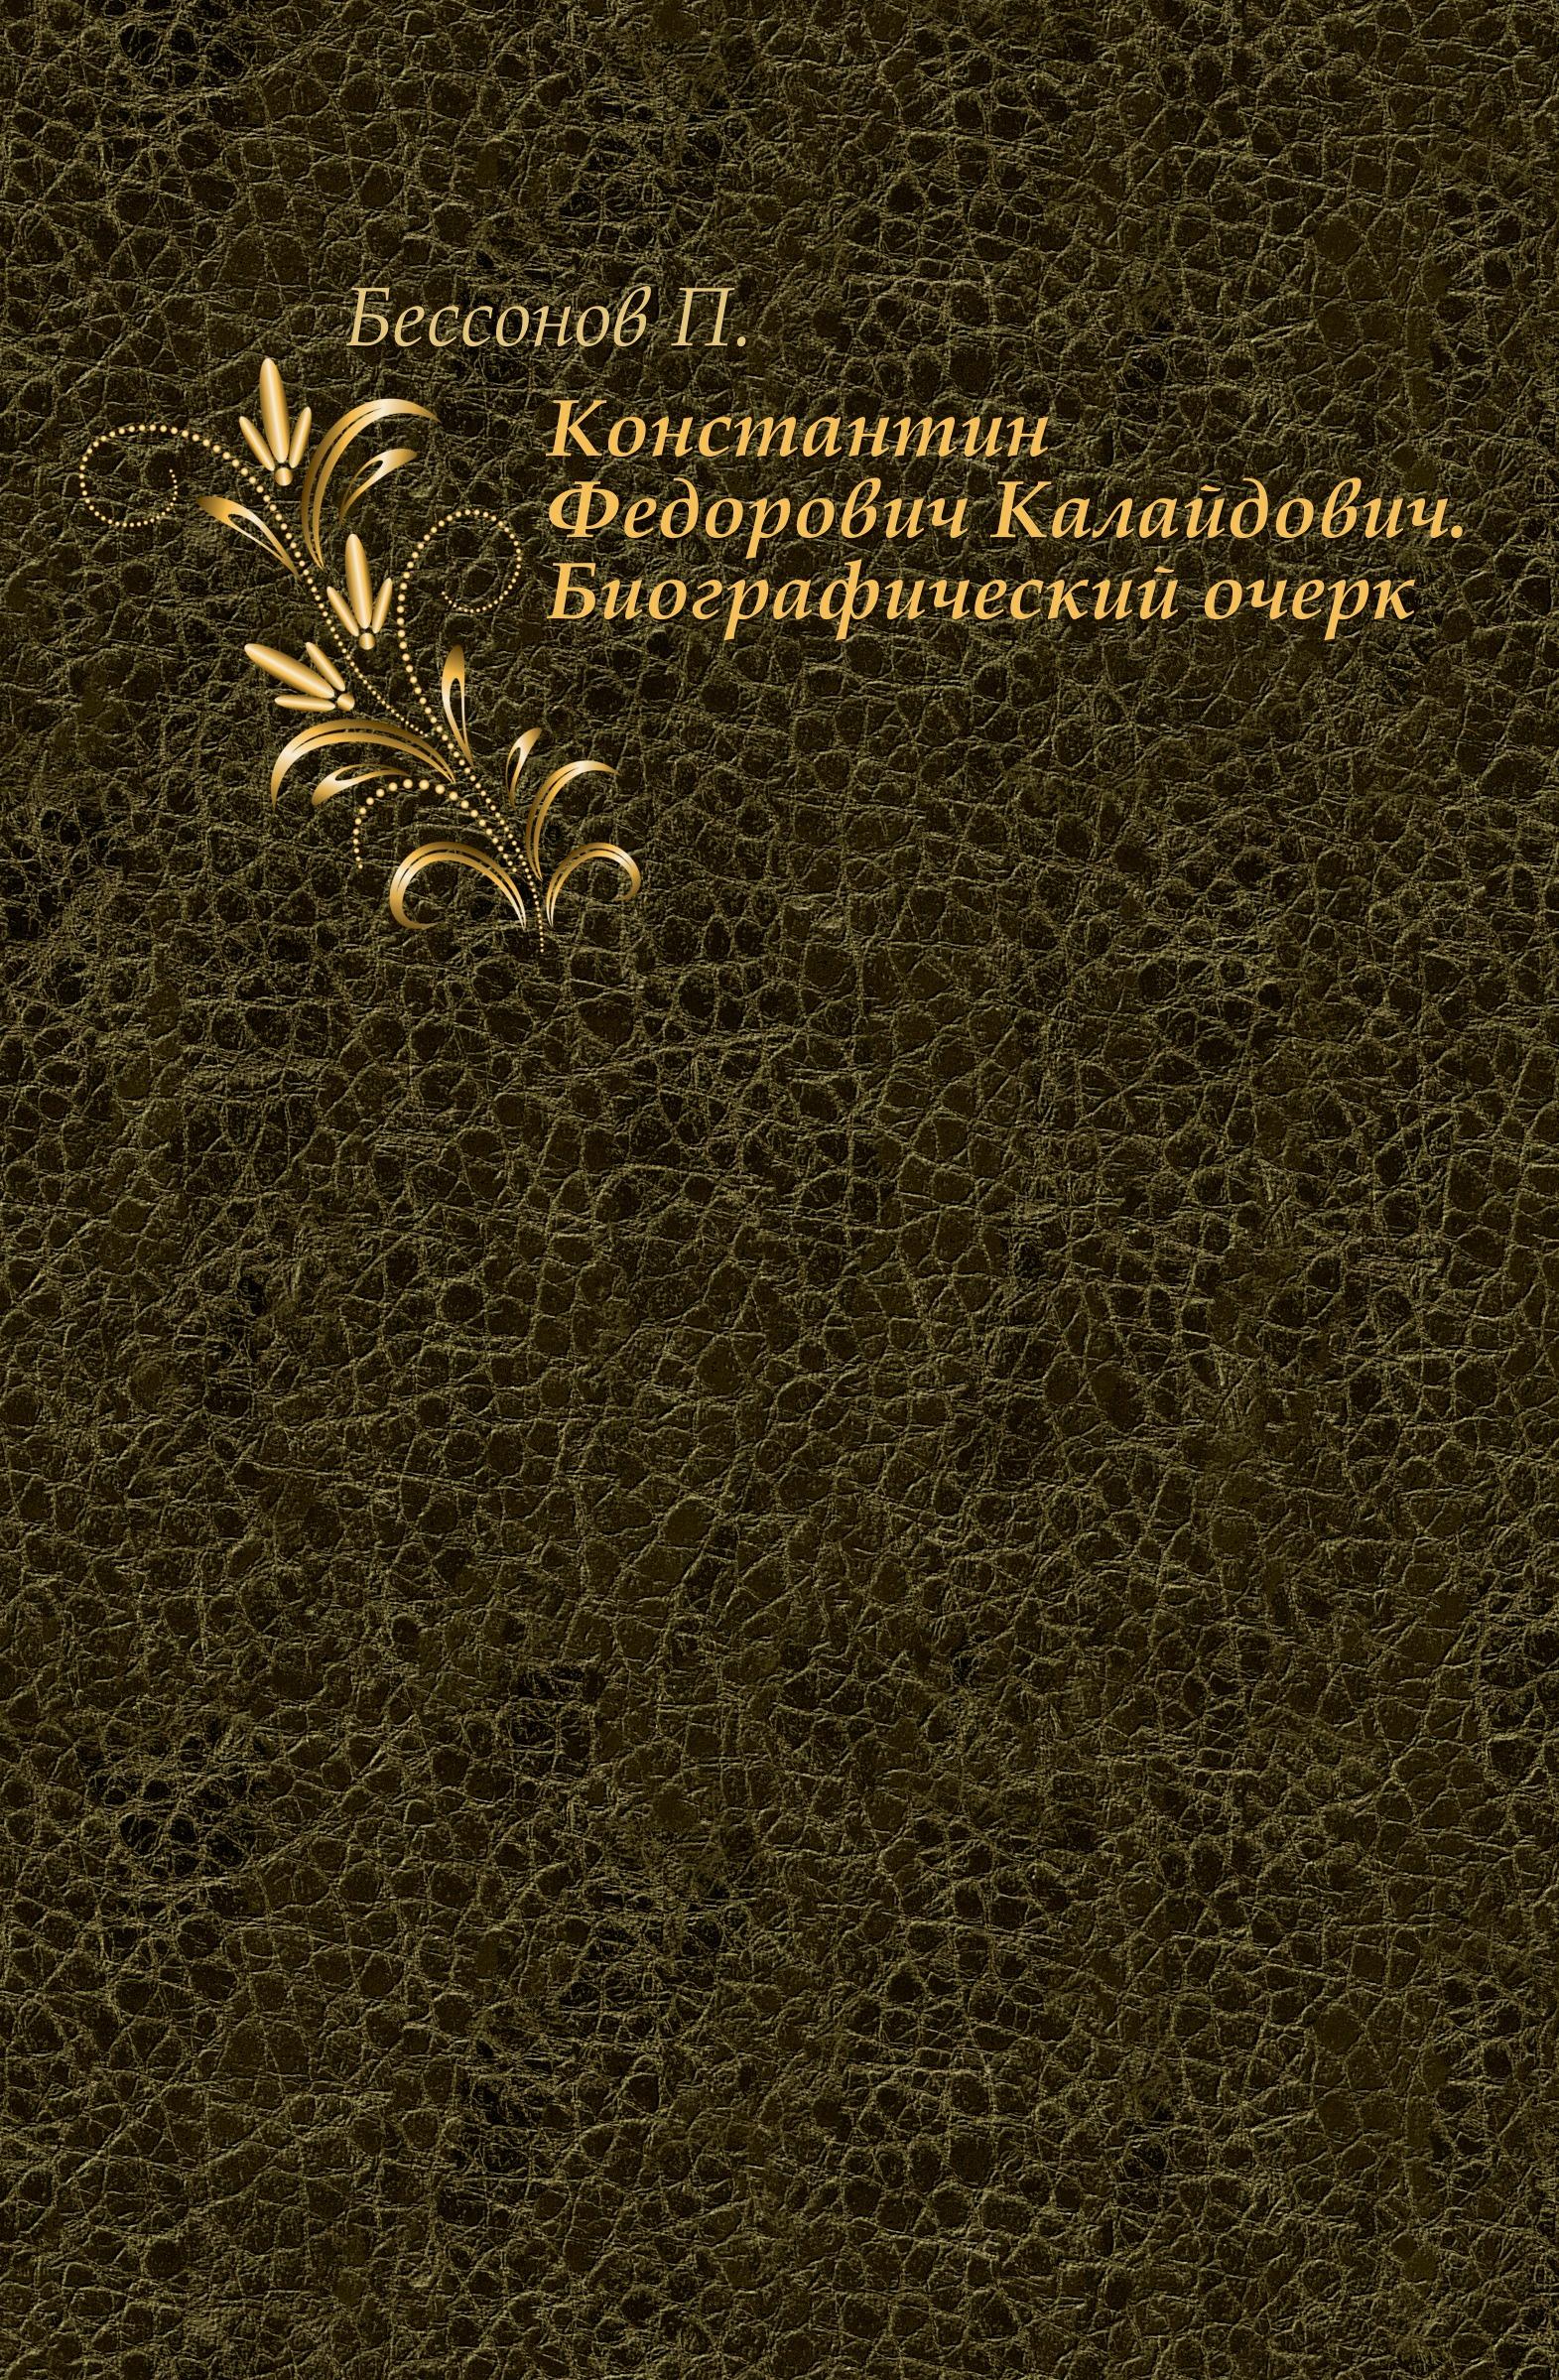 П. Бессонов Константин Федорович Калайдович